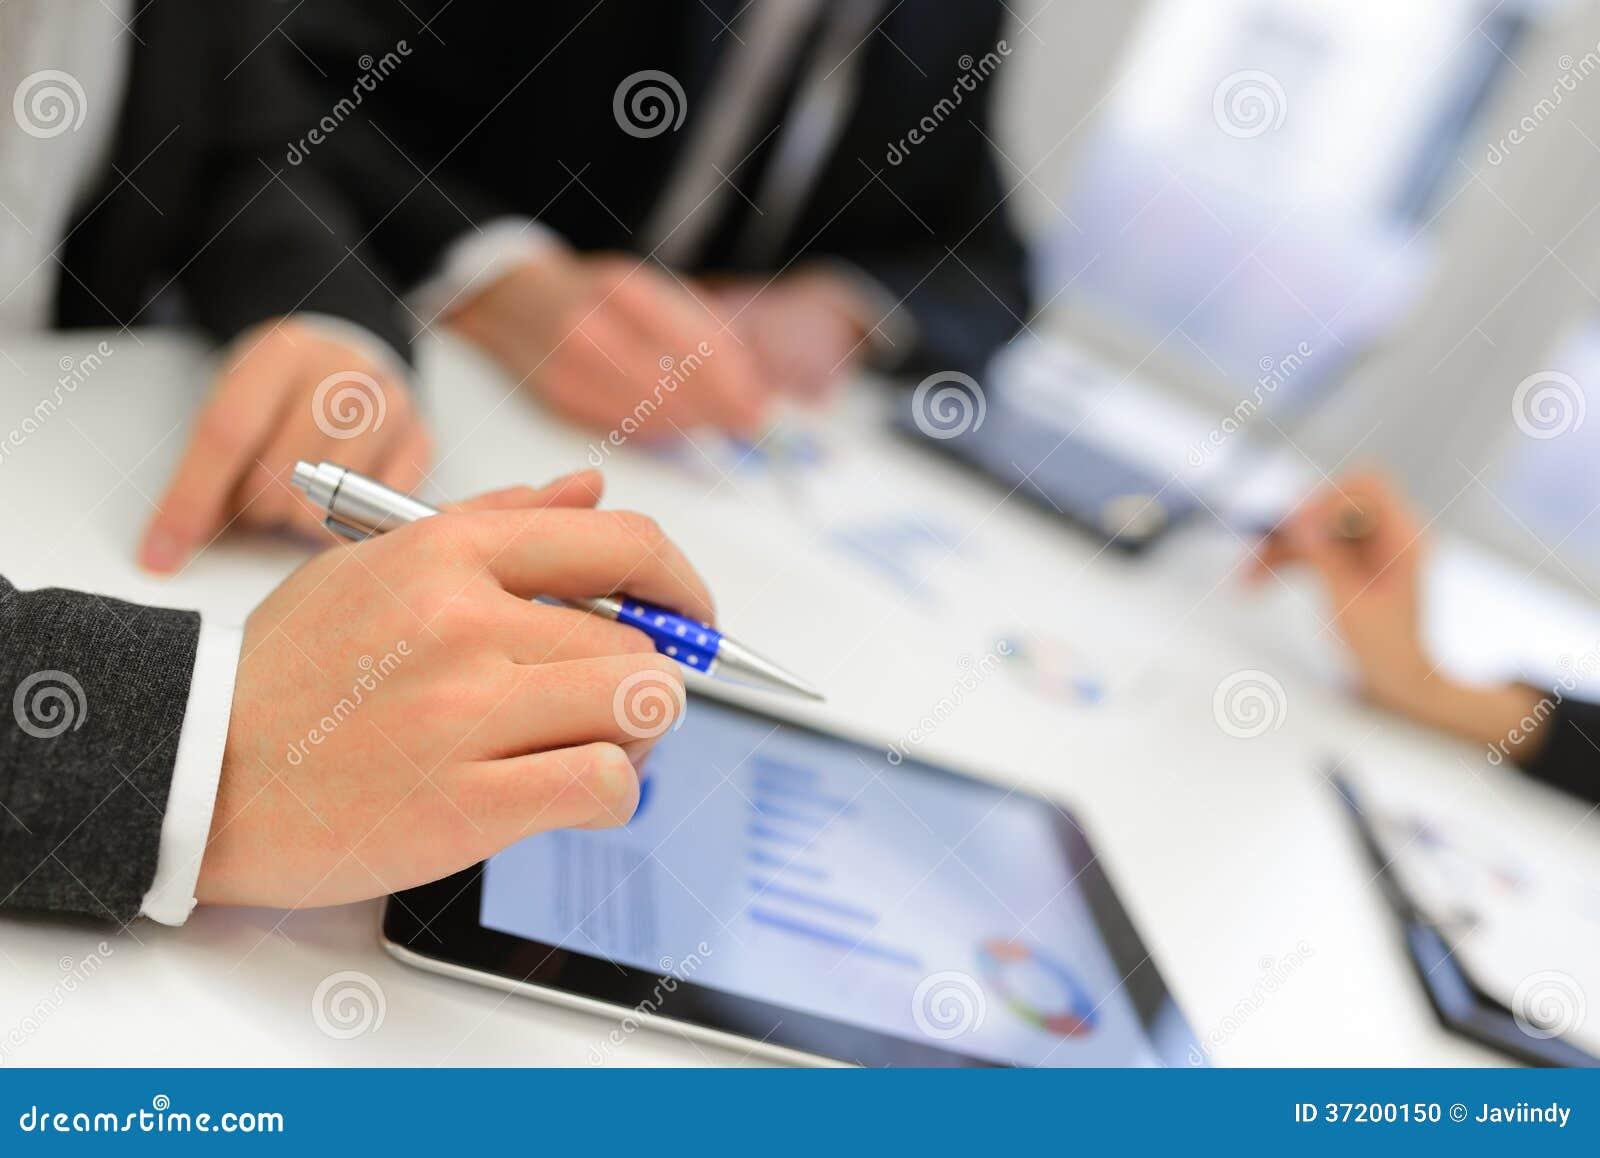 Unter verwendung des tablet computers zum mit finanzdaten zu arbeiten